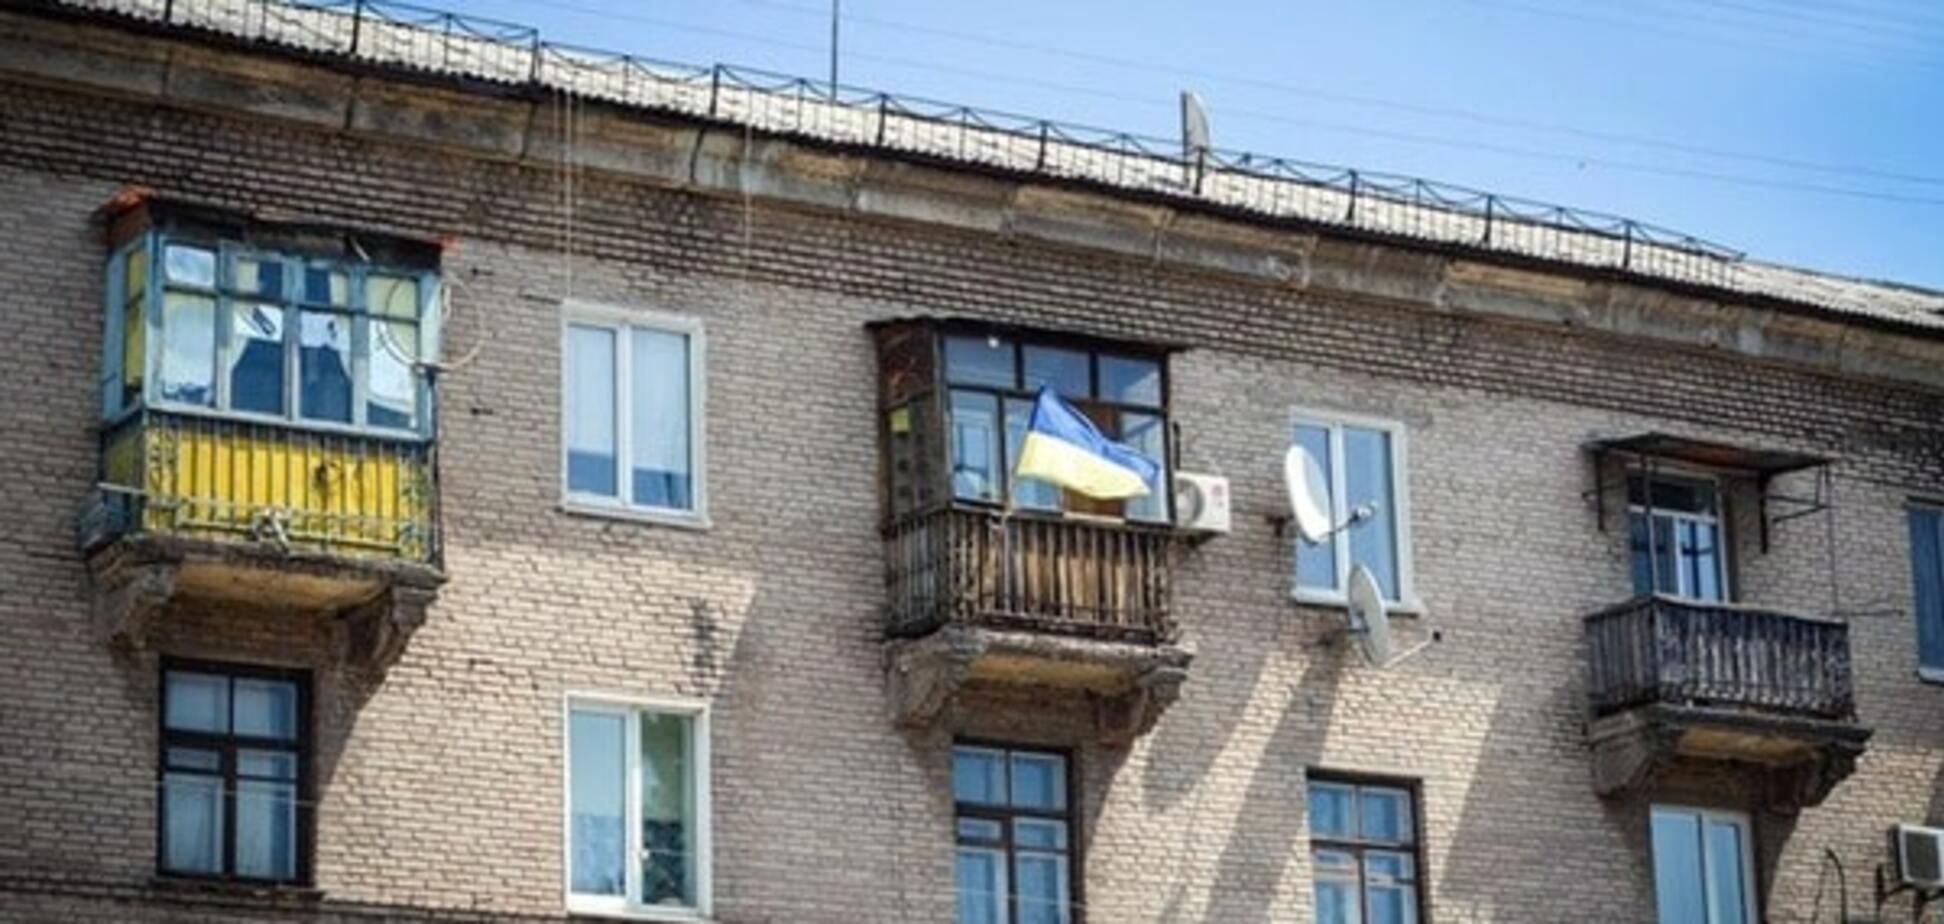 'Не псуйте людям свято': поліція змусила зняти прапор України з балкона в Брянську